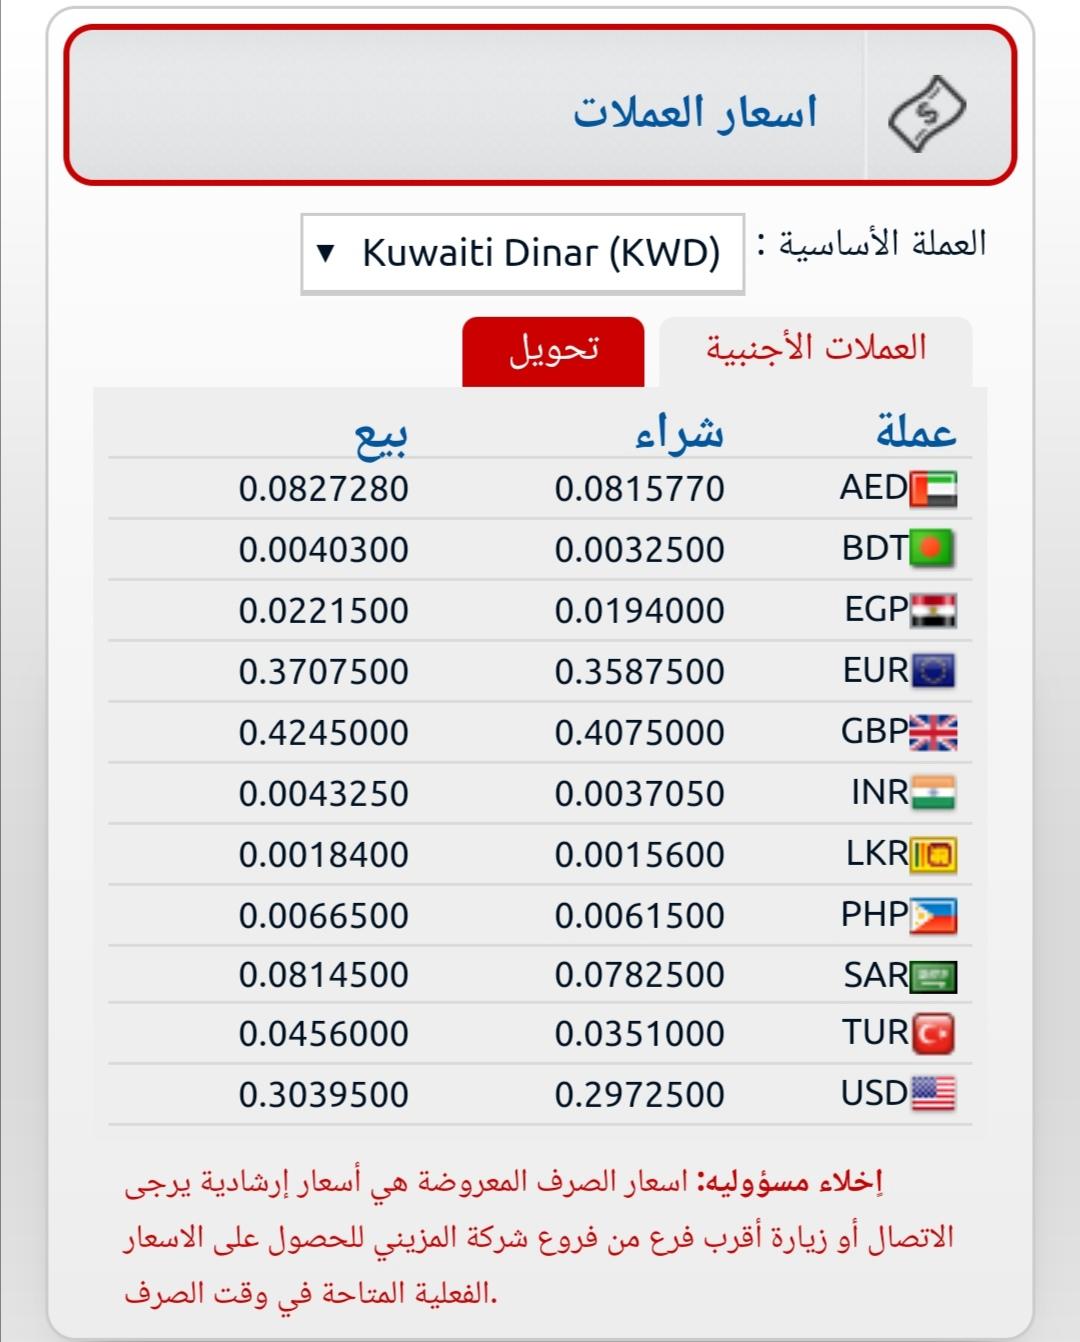 اسعار العملات فى الكويت الان الجنية المصري مقابل الدينار الكويتي المزيني ١٤ فبراير ٢٠٢١